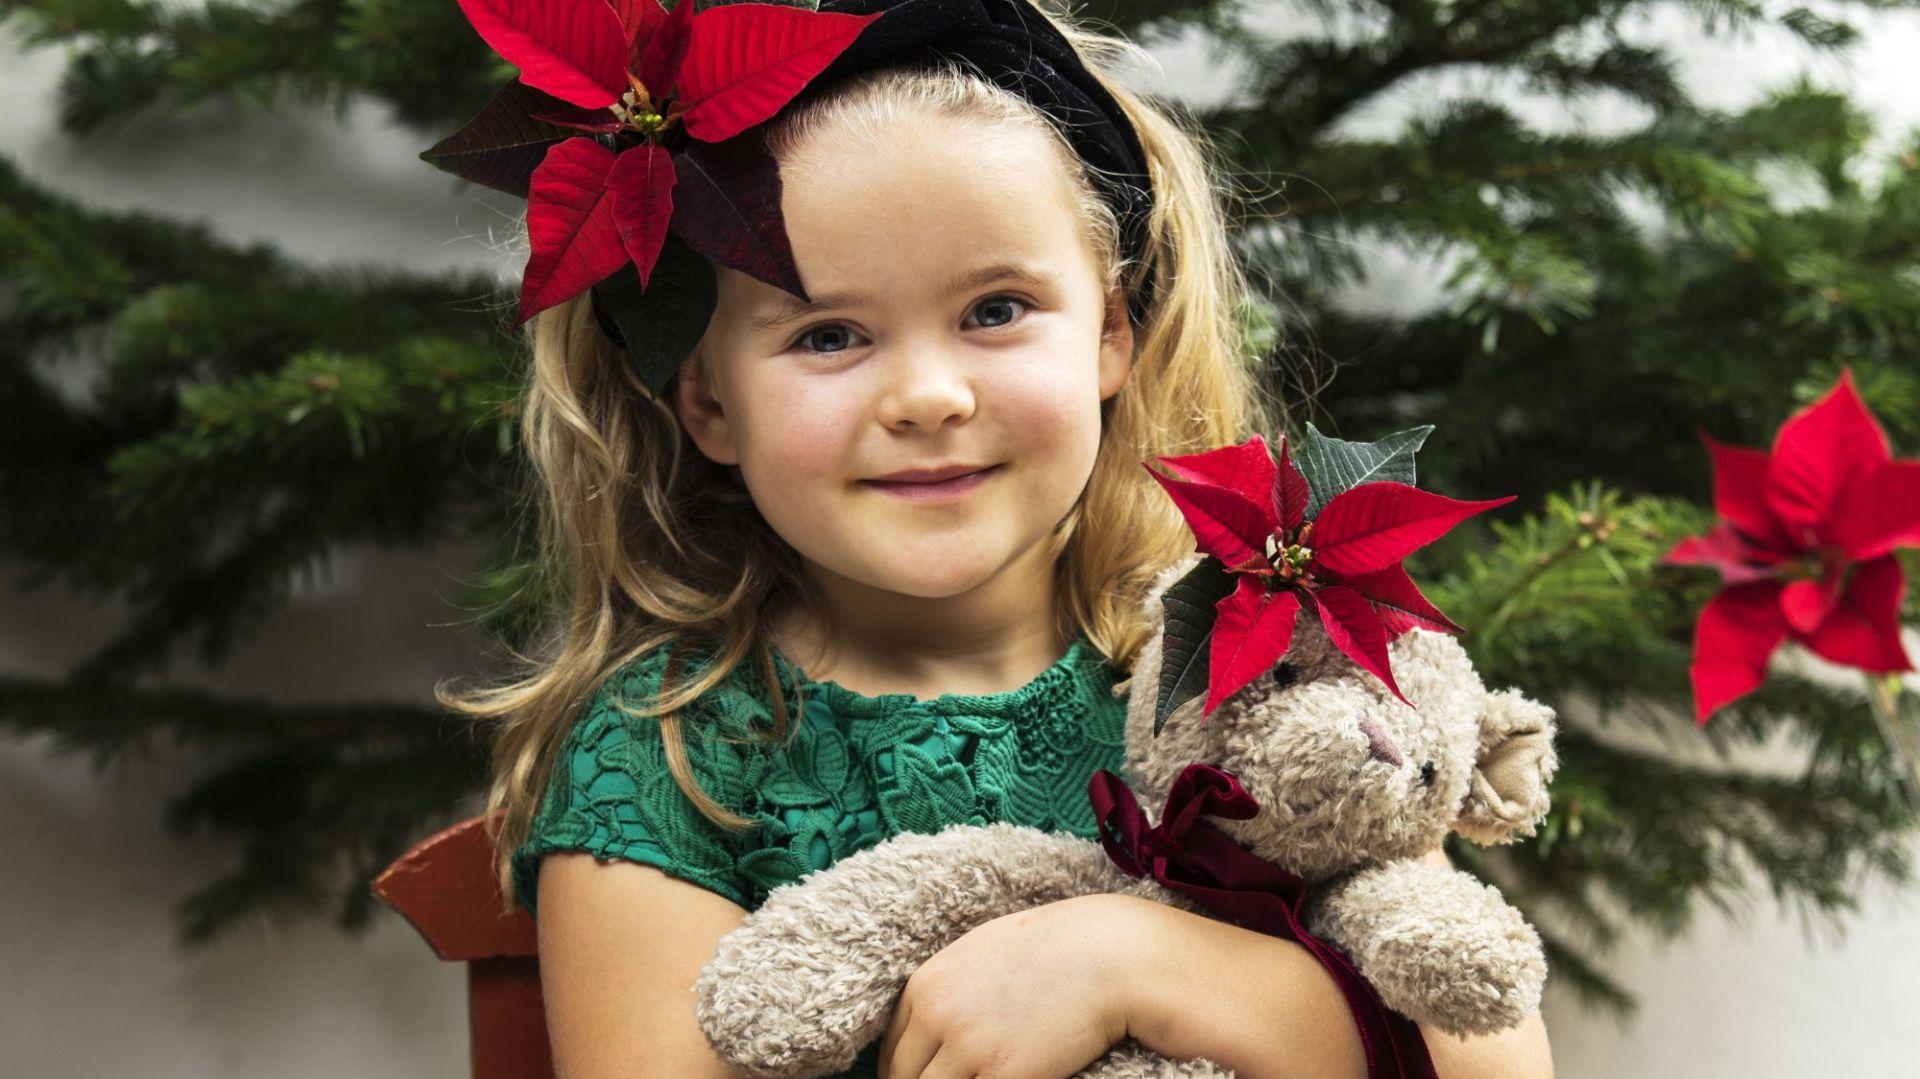 Gwiazda betlejemska to idealny kwiat do bożonarodzeniowych dekoracji. Fot. Stars for Europe